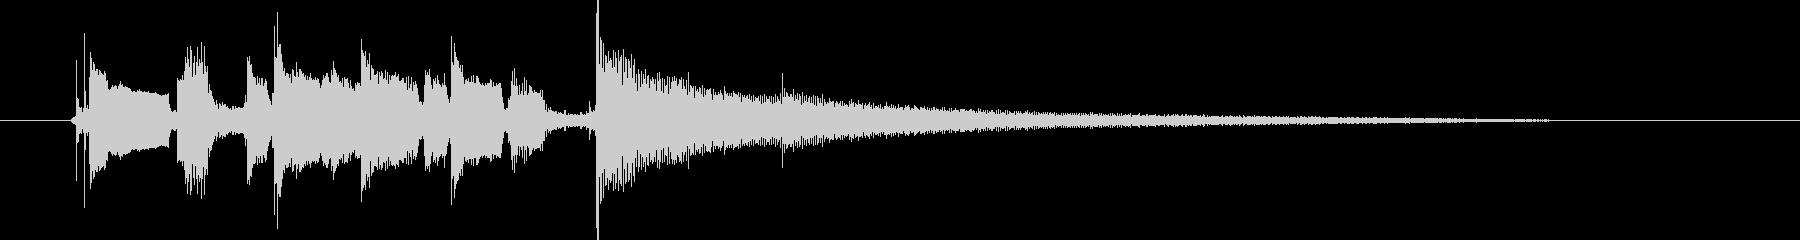 「締めジングル」の未再生の波形